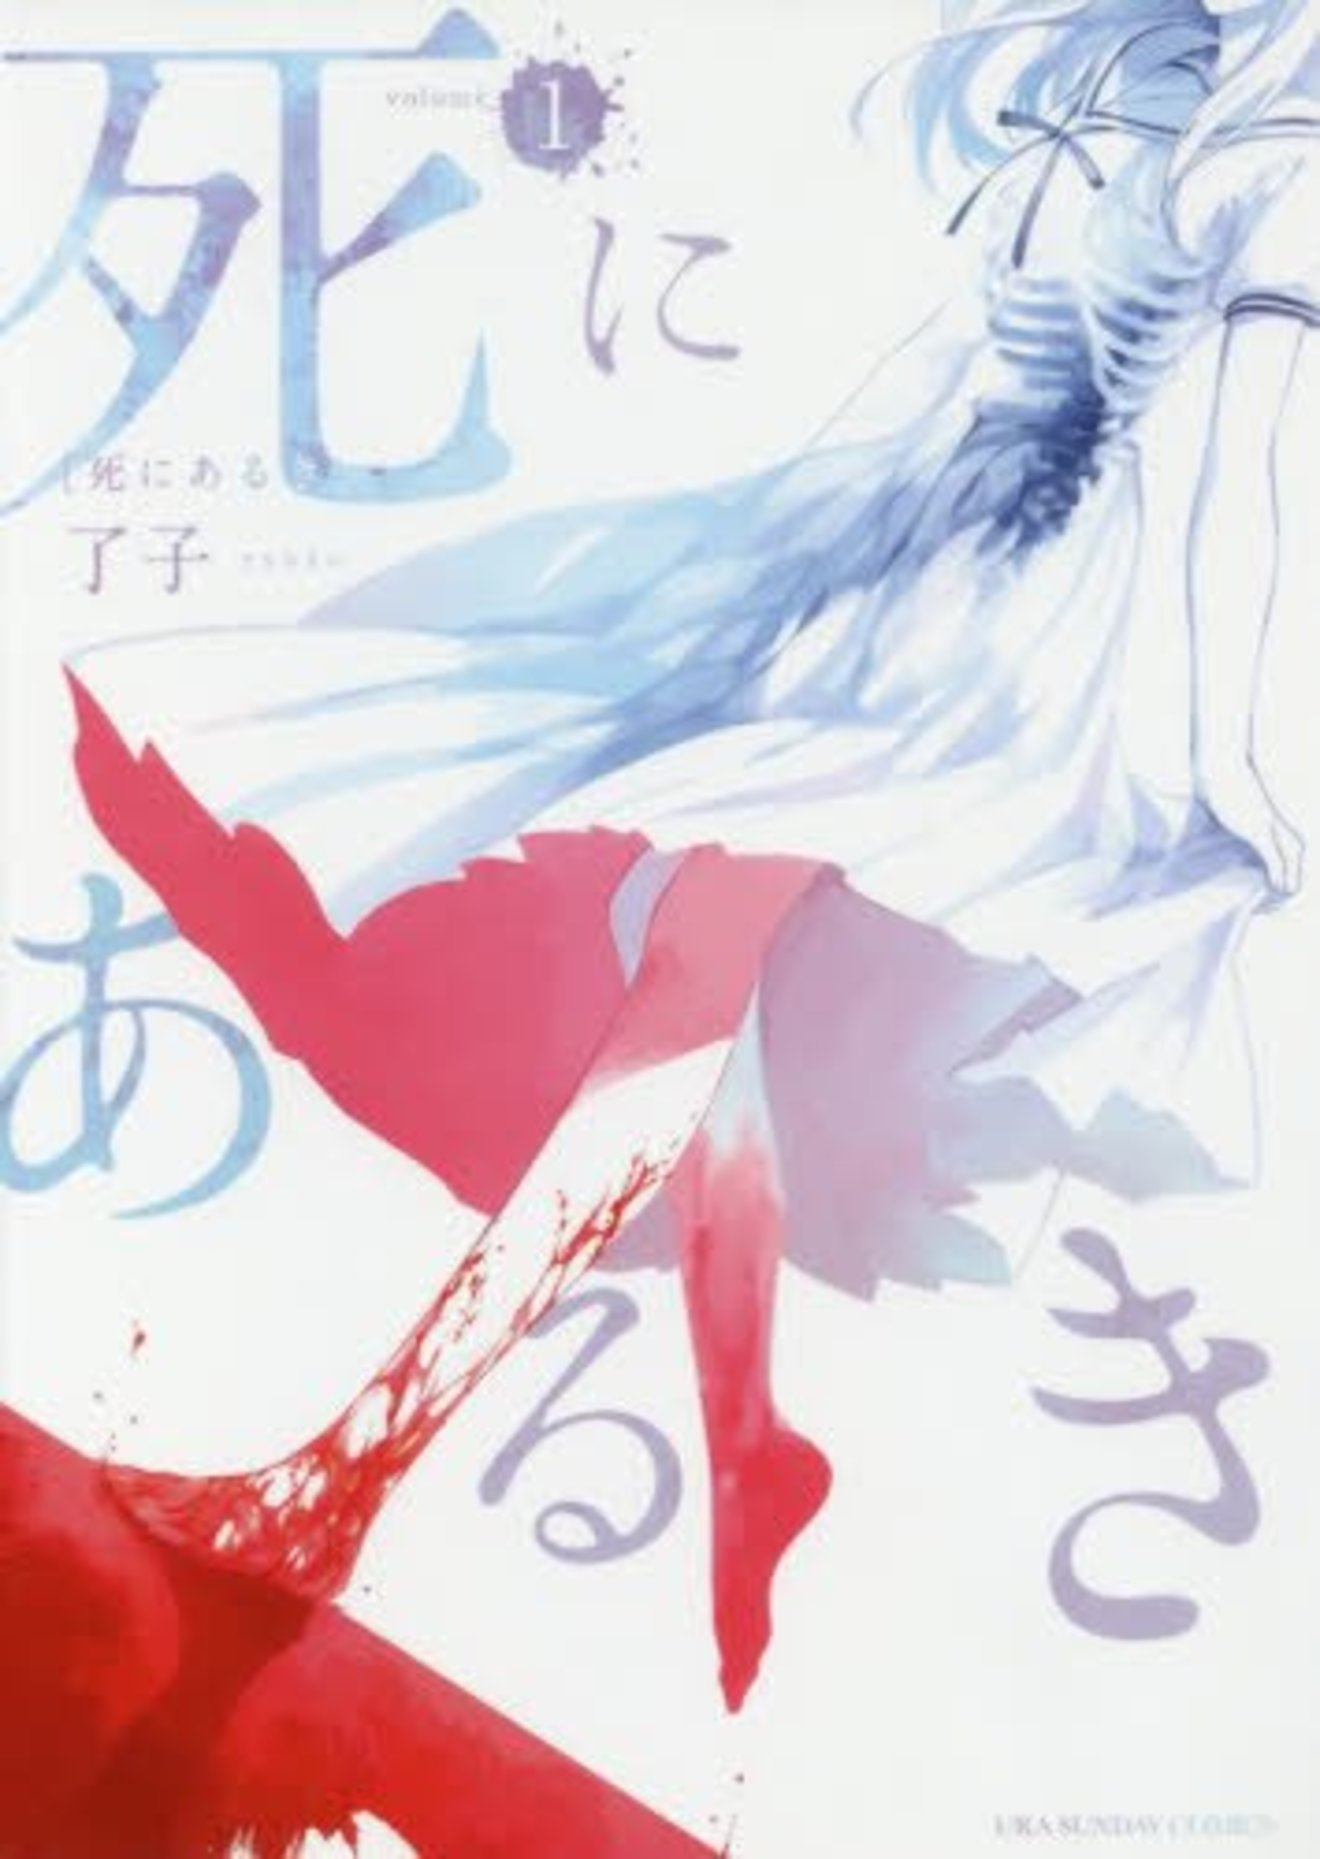 漫画『死にあるき』の魅力をネタバレ考察!存在だけで周囲を殺す少女とは?